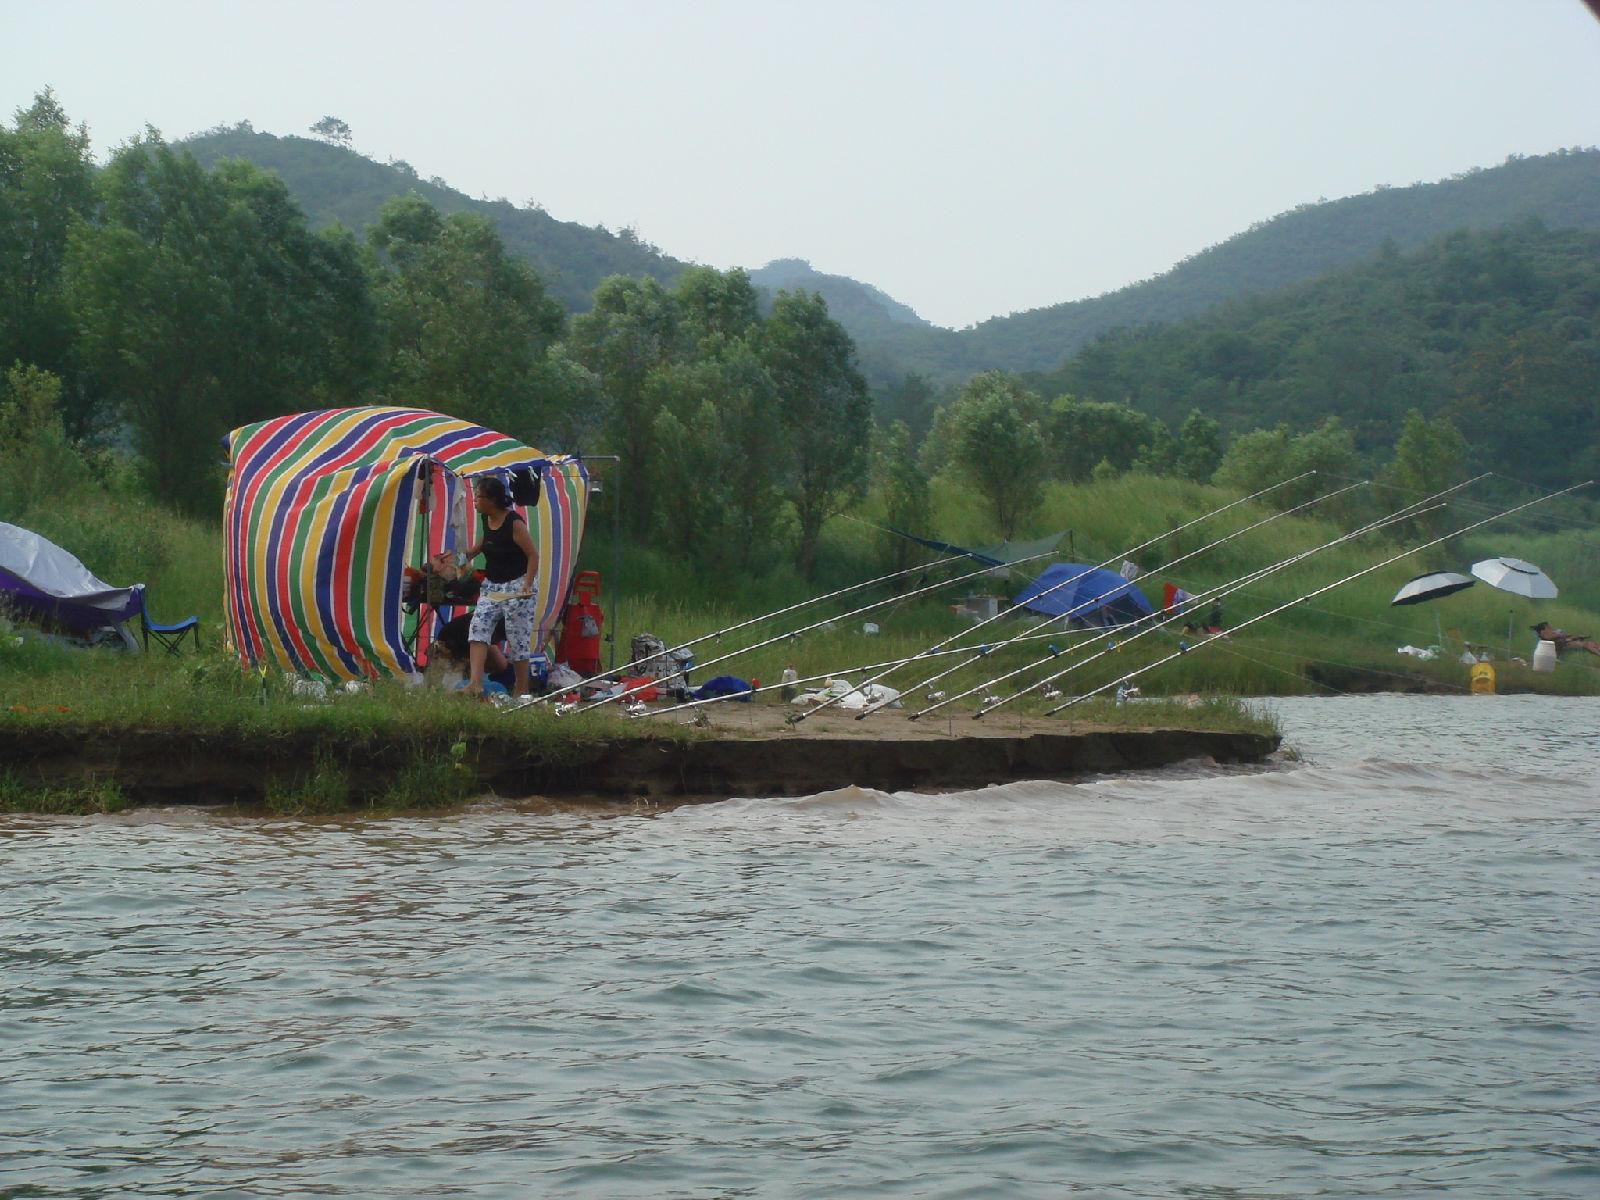 最高山峰摩天岭位于蔡家峪乡与涞水县交界处